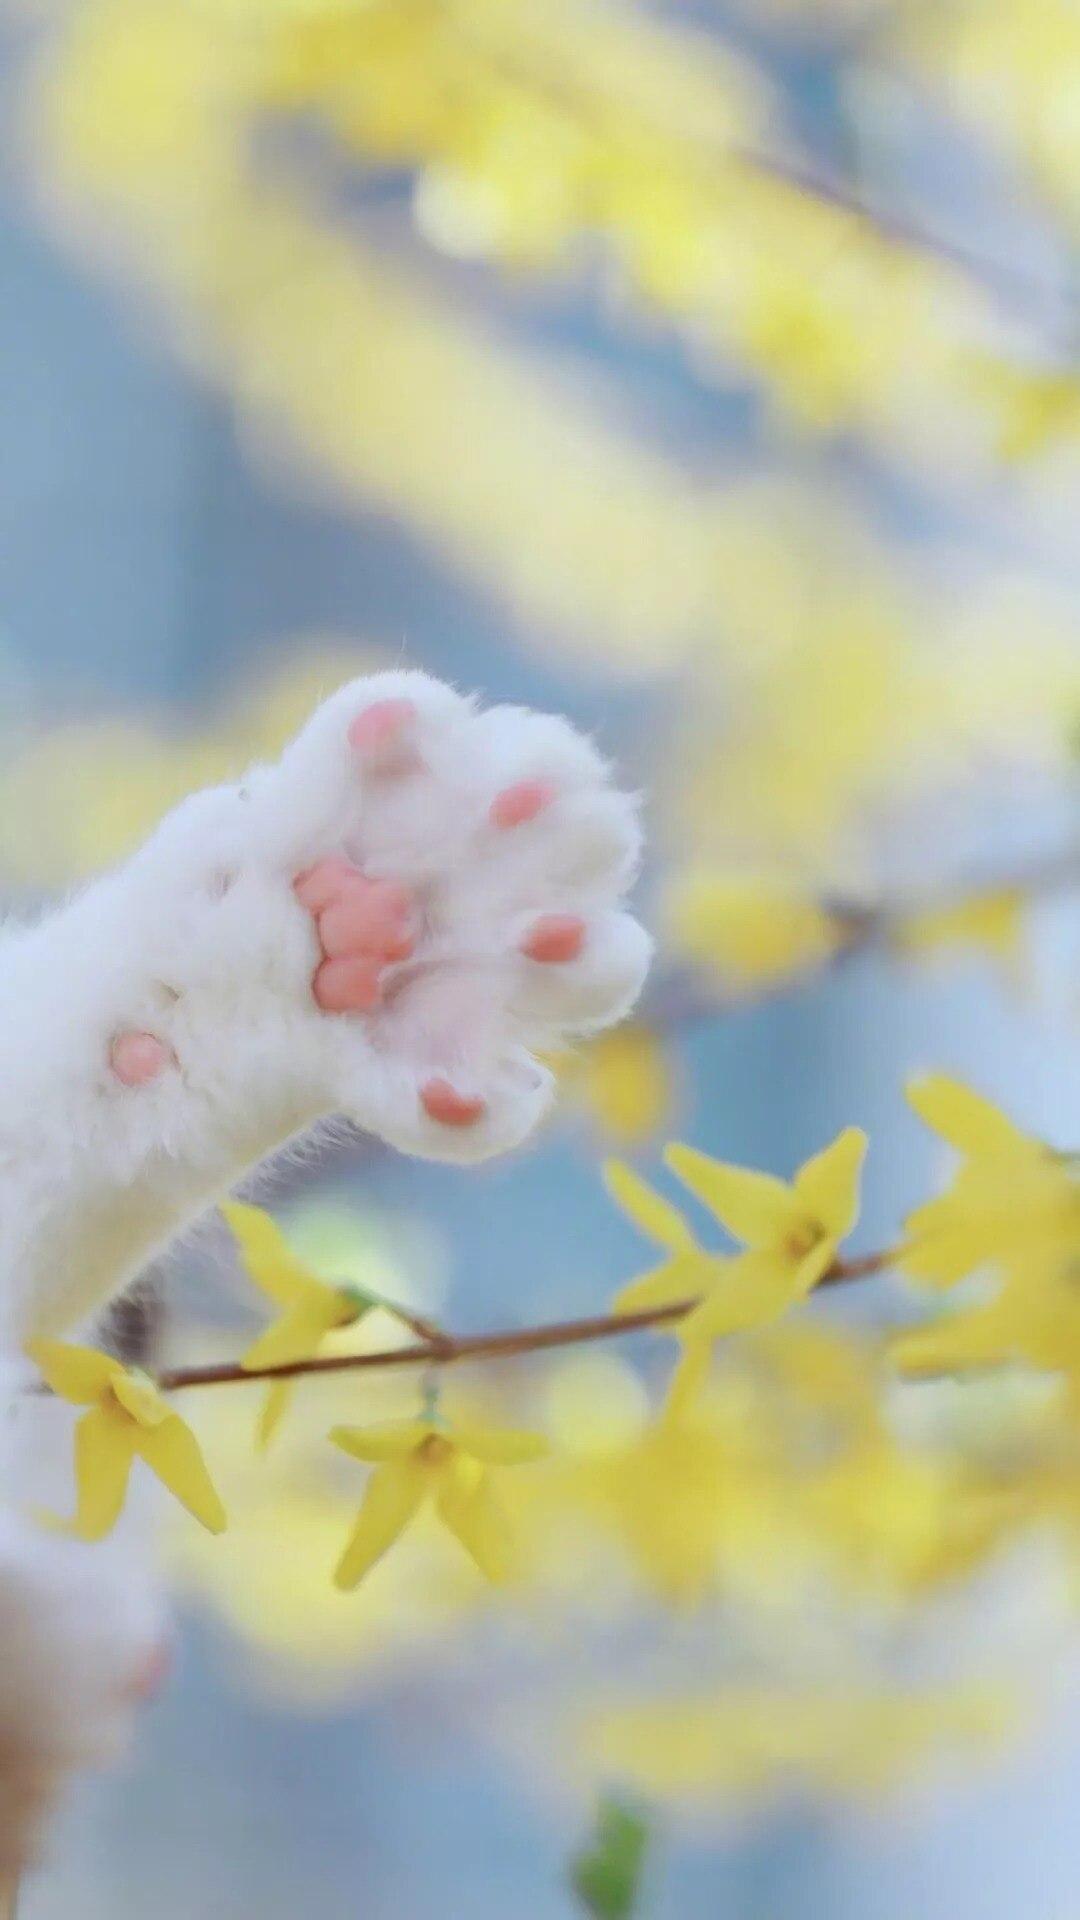 猫片壁纸 :生活不断拍打我们的脸皮,最后不是脸皮厚了,是肿了!插图49